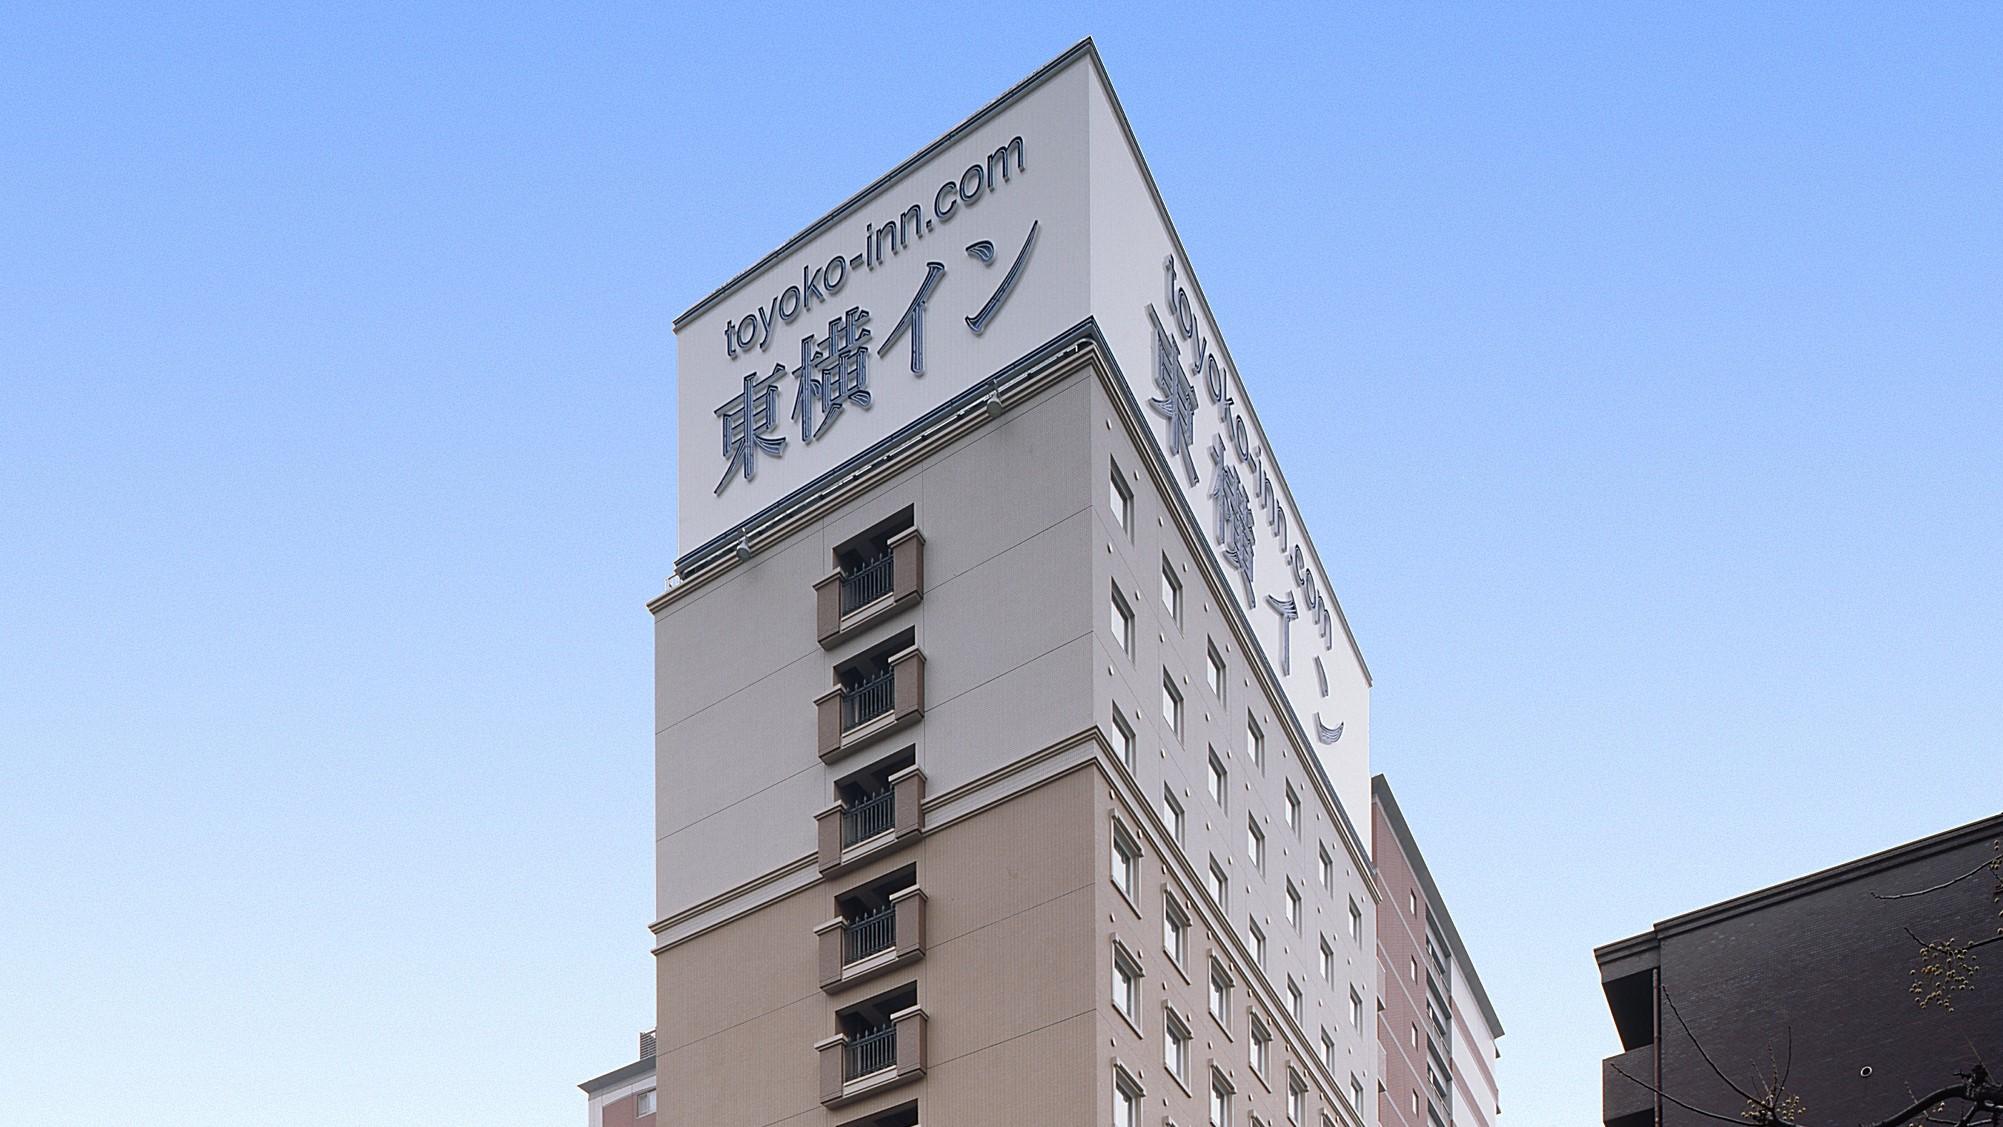 東横イン 広島駅南口右◆楽天トラベル